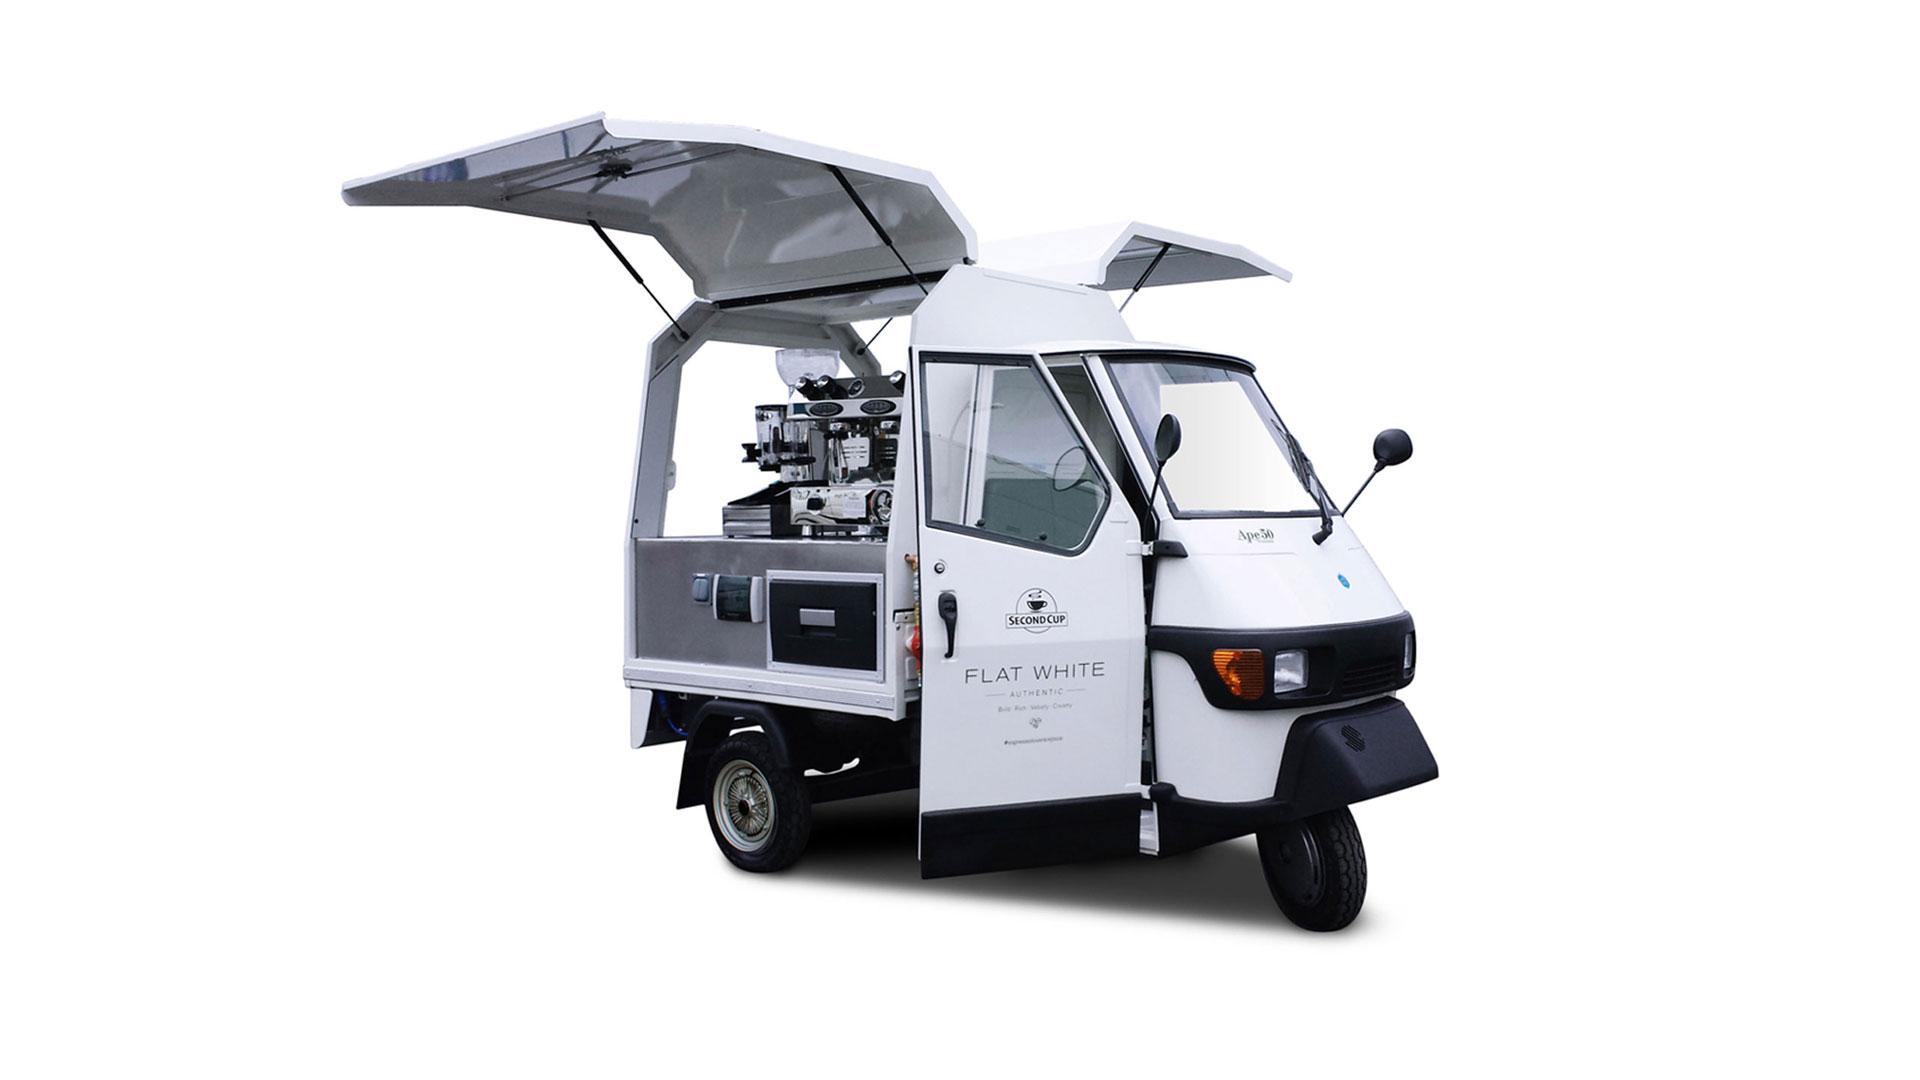 Flat White Piaggio Ape coffee truck